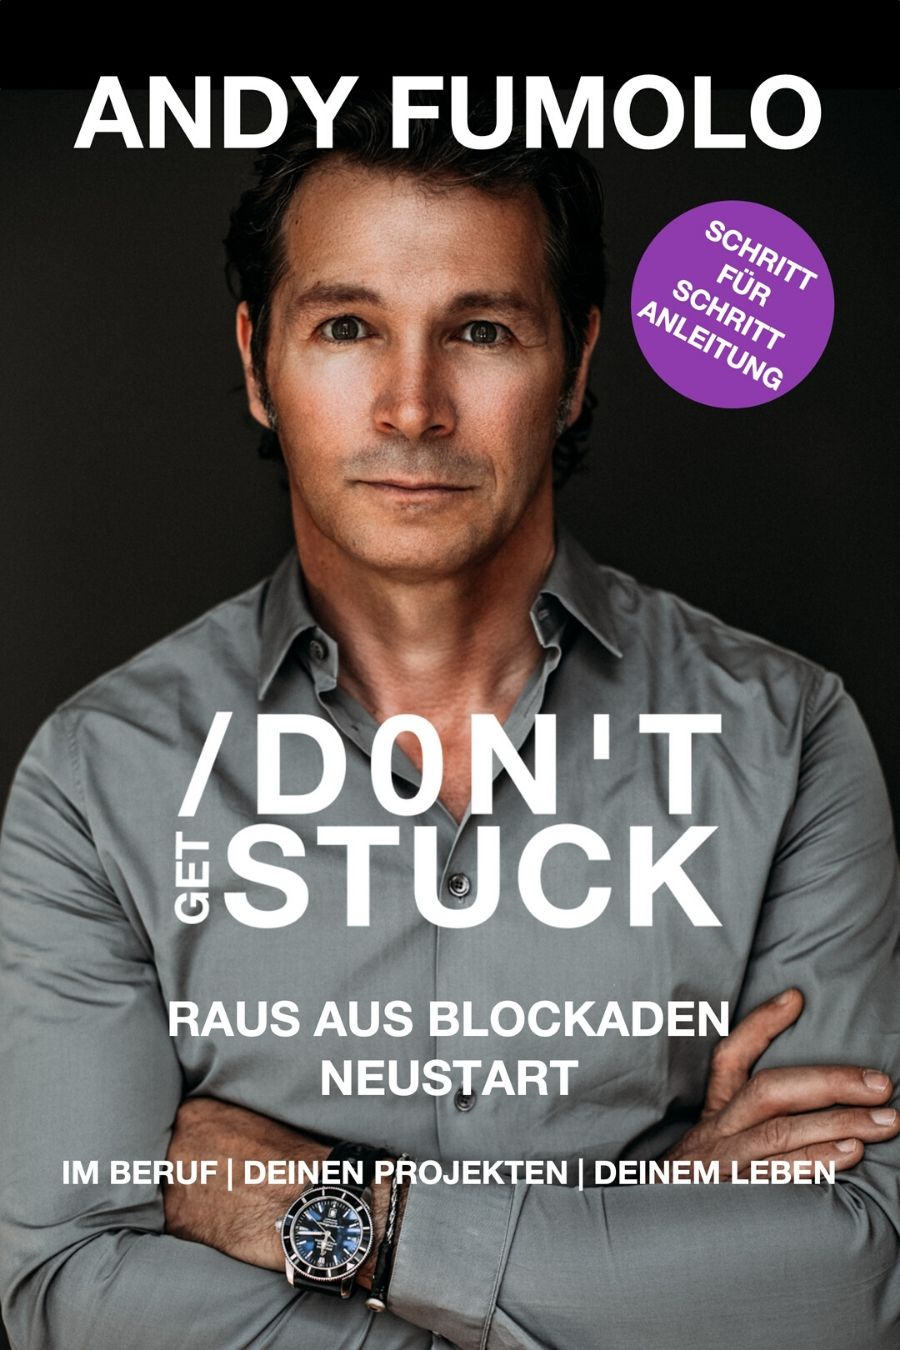 raus aus Blockaden Andy Fumolo Buch Don't Get Stuck